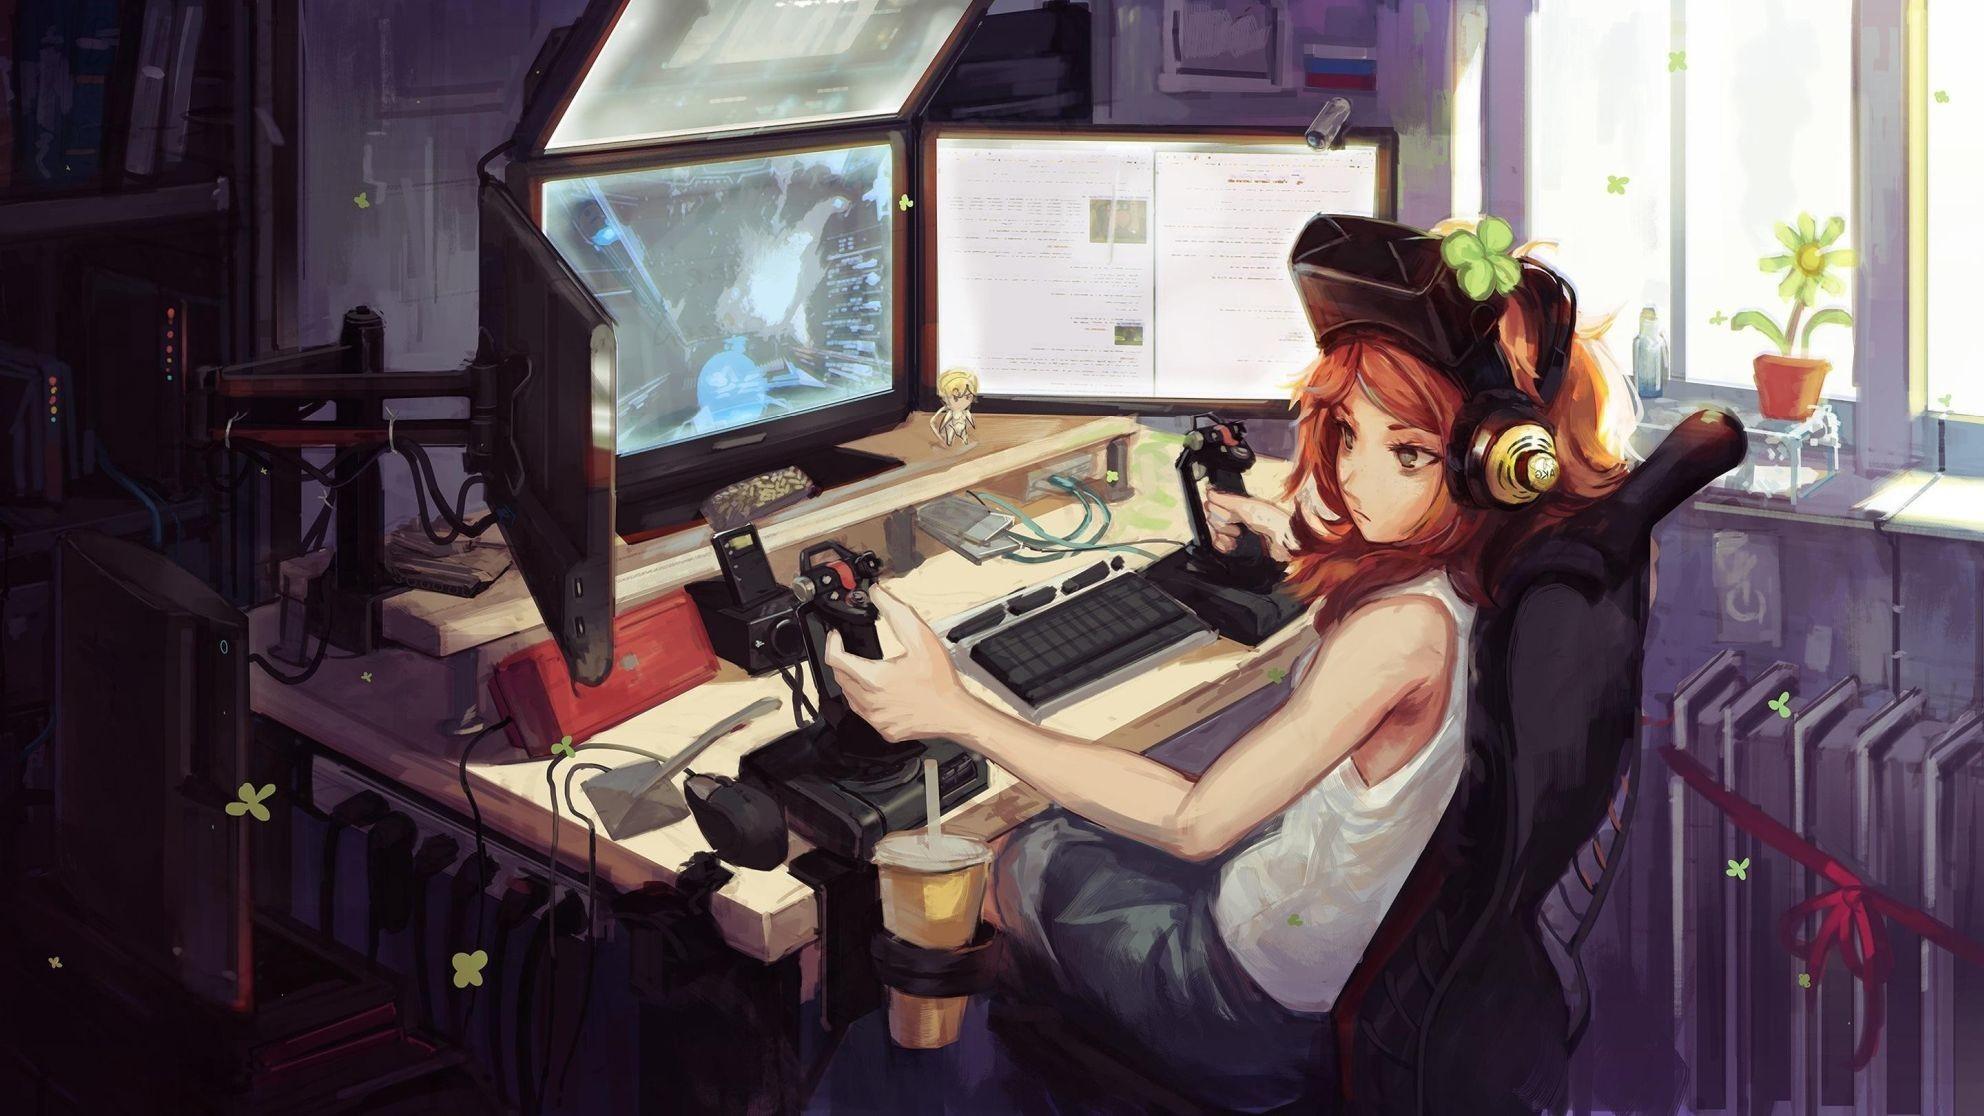 Игры на работу для девушек модели онлайн зверево